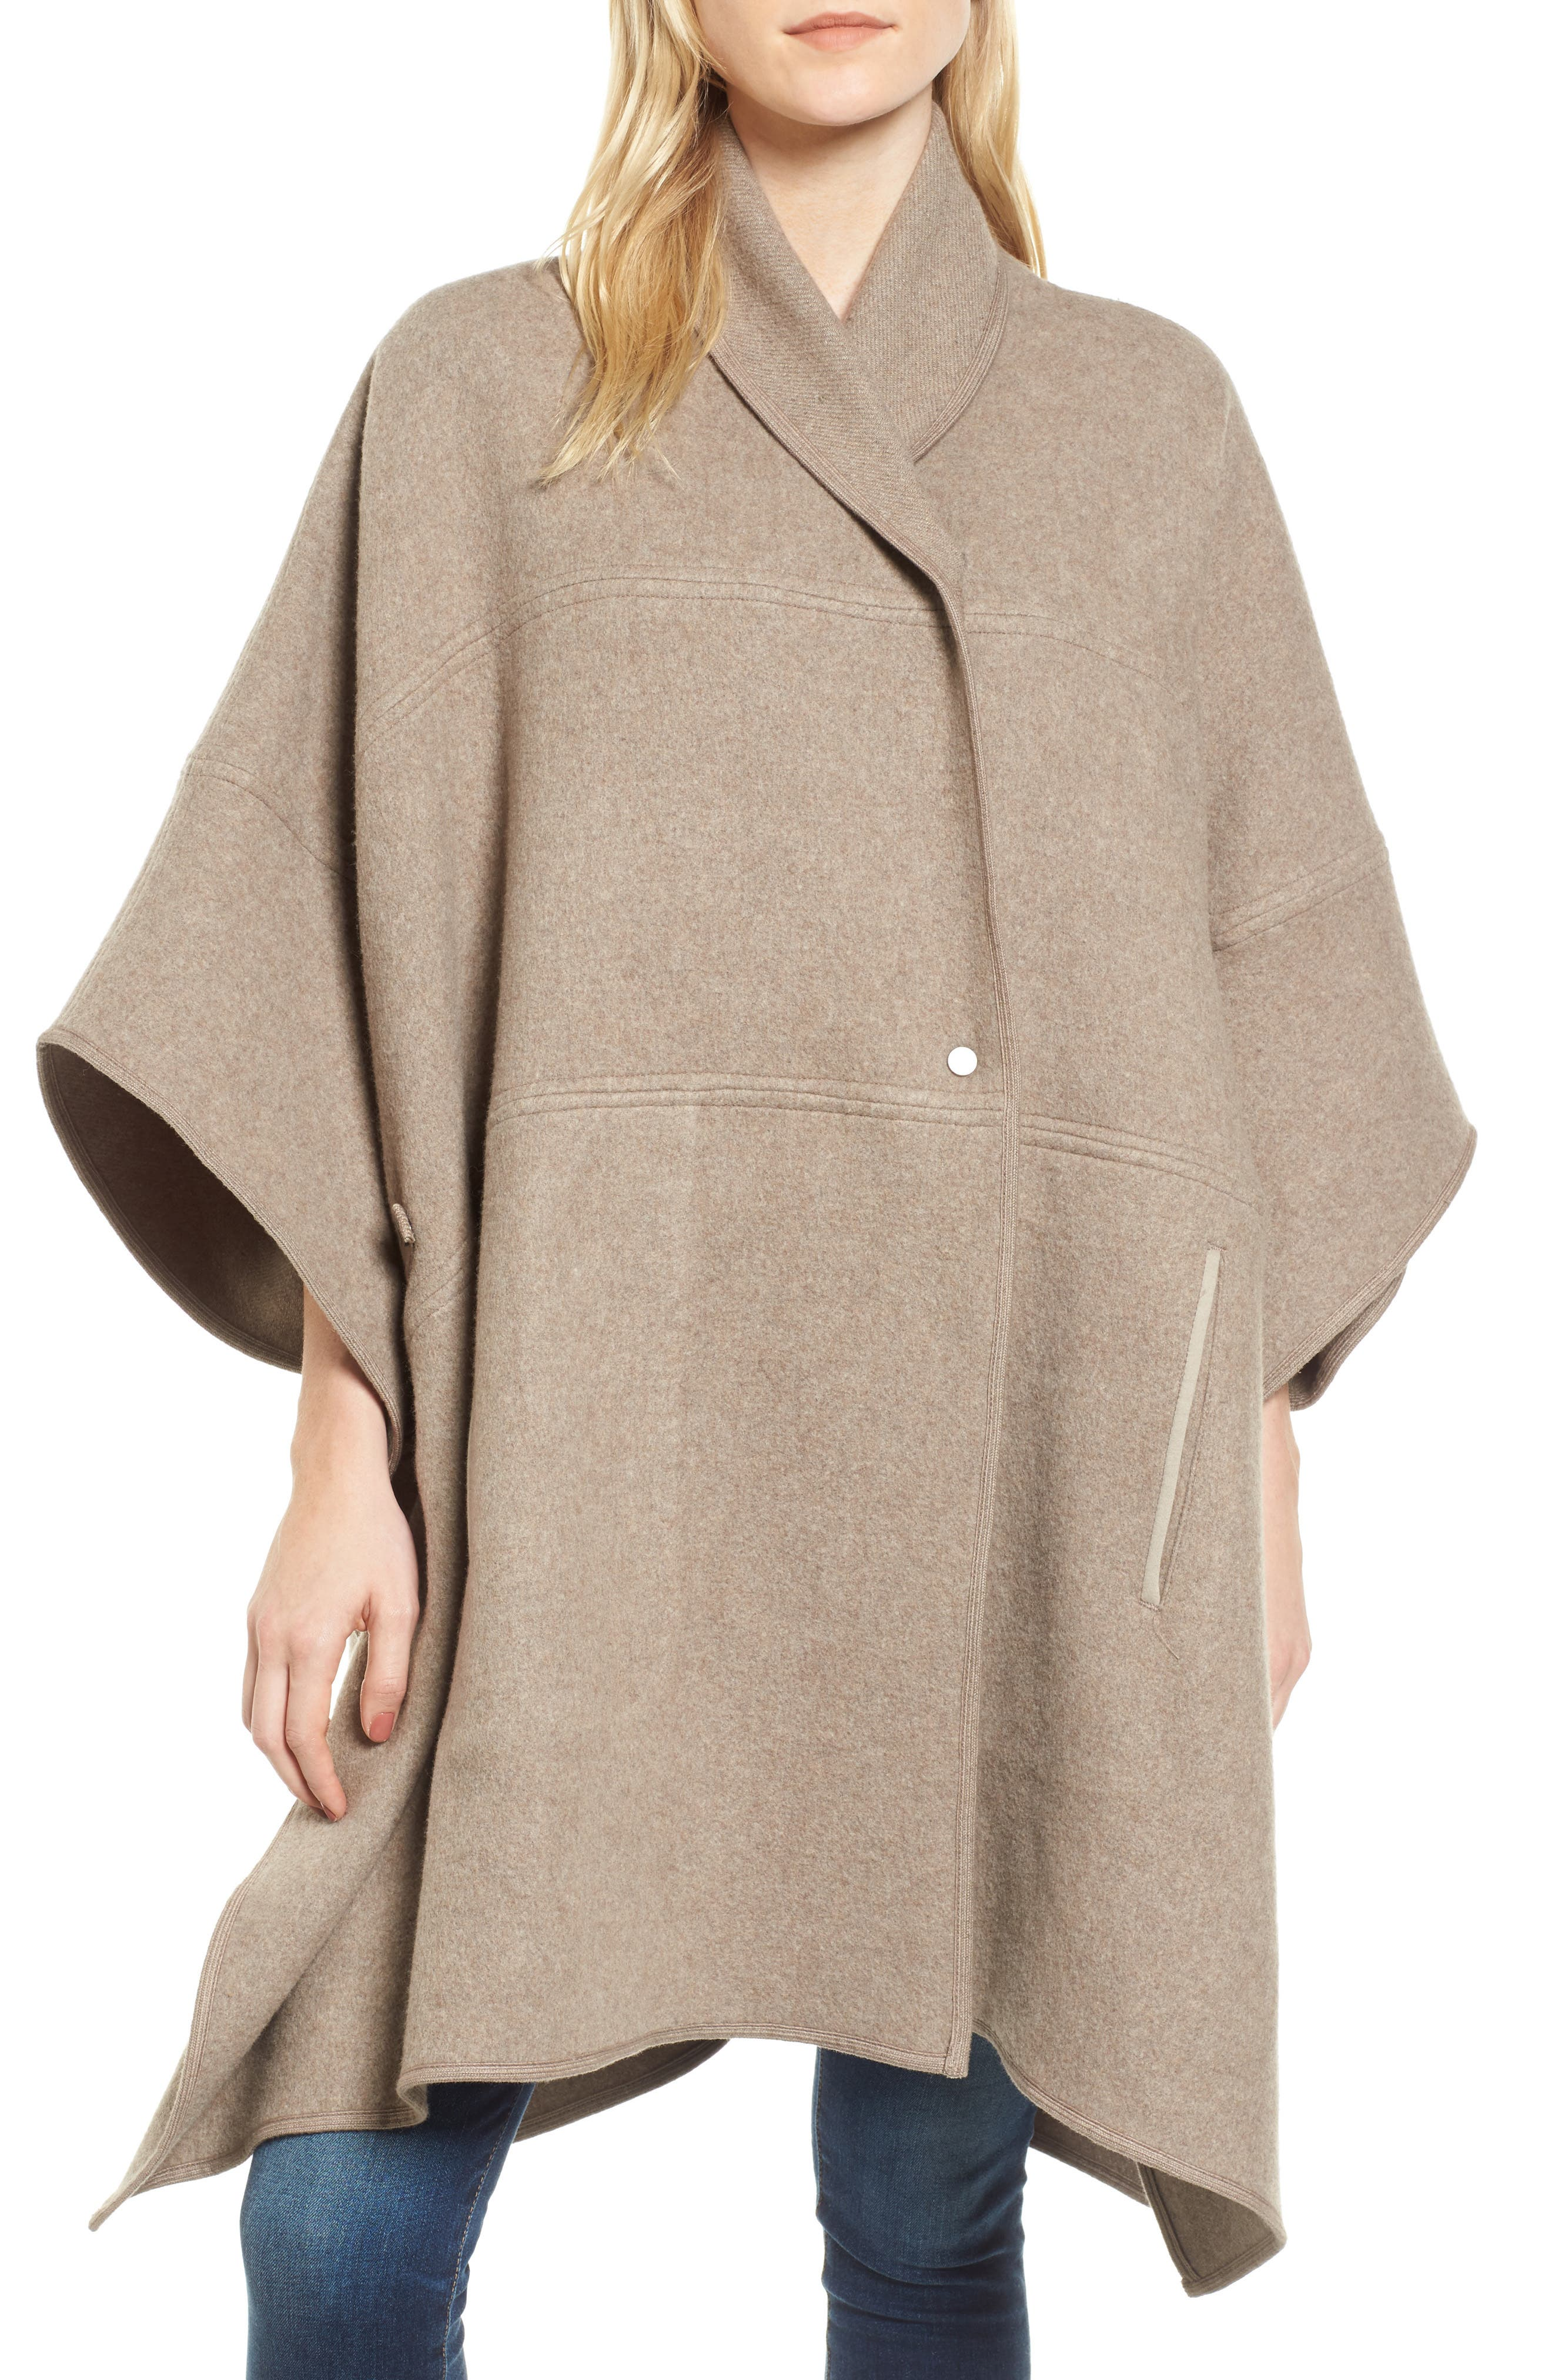 Nomad Blanket Coat,                         Main,                         color, 243